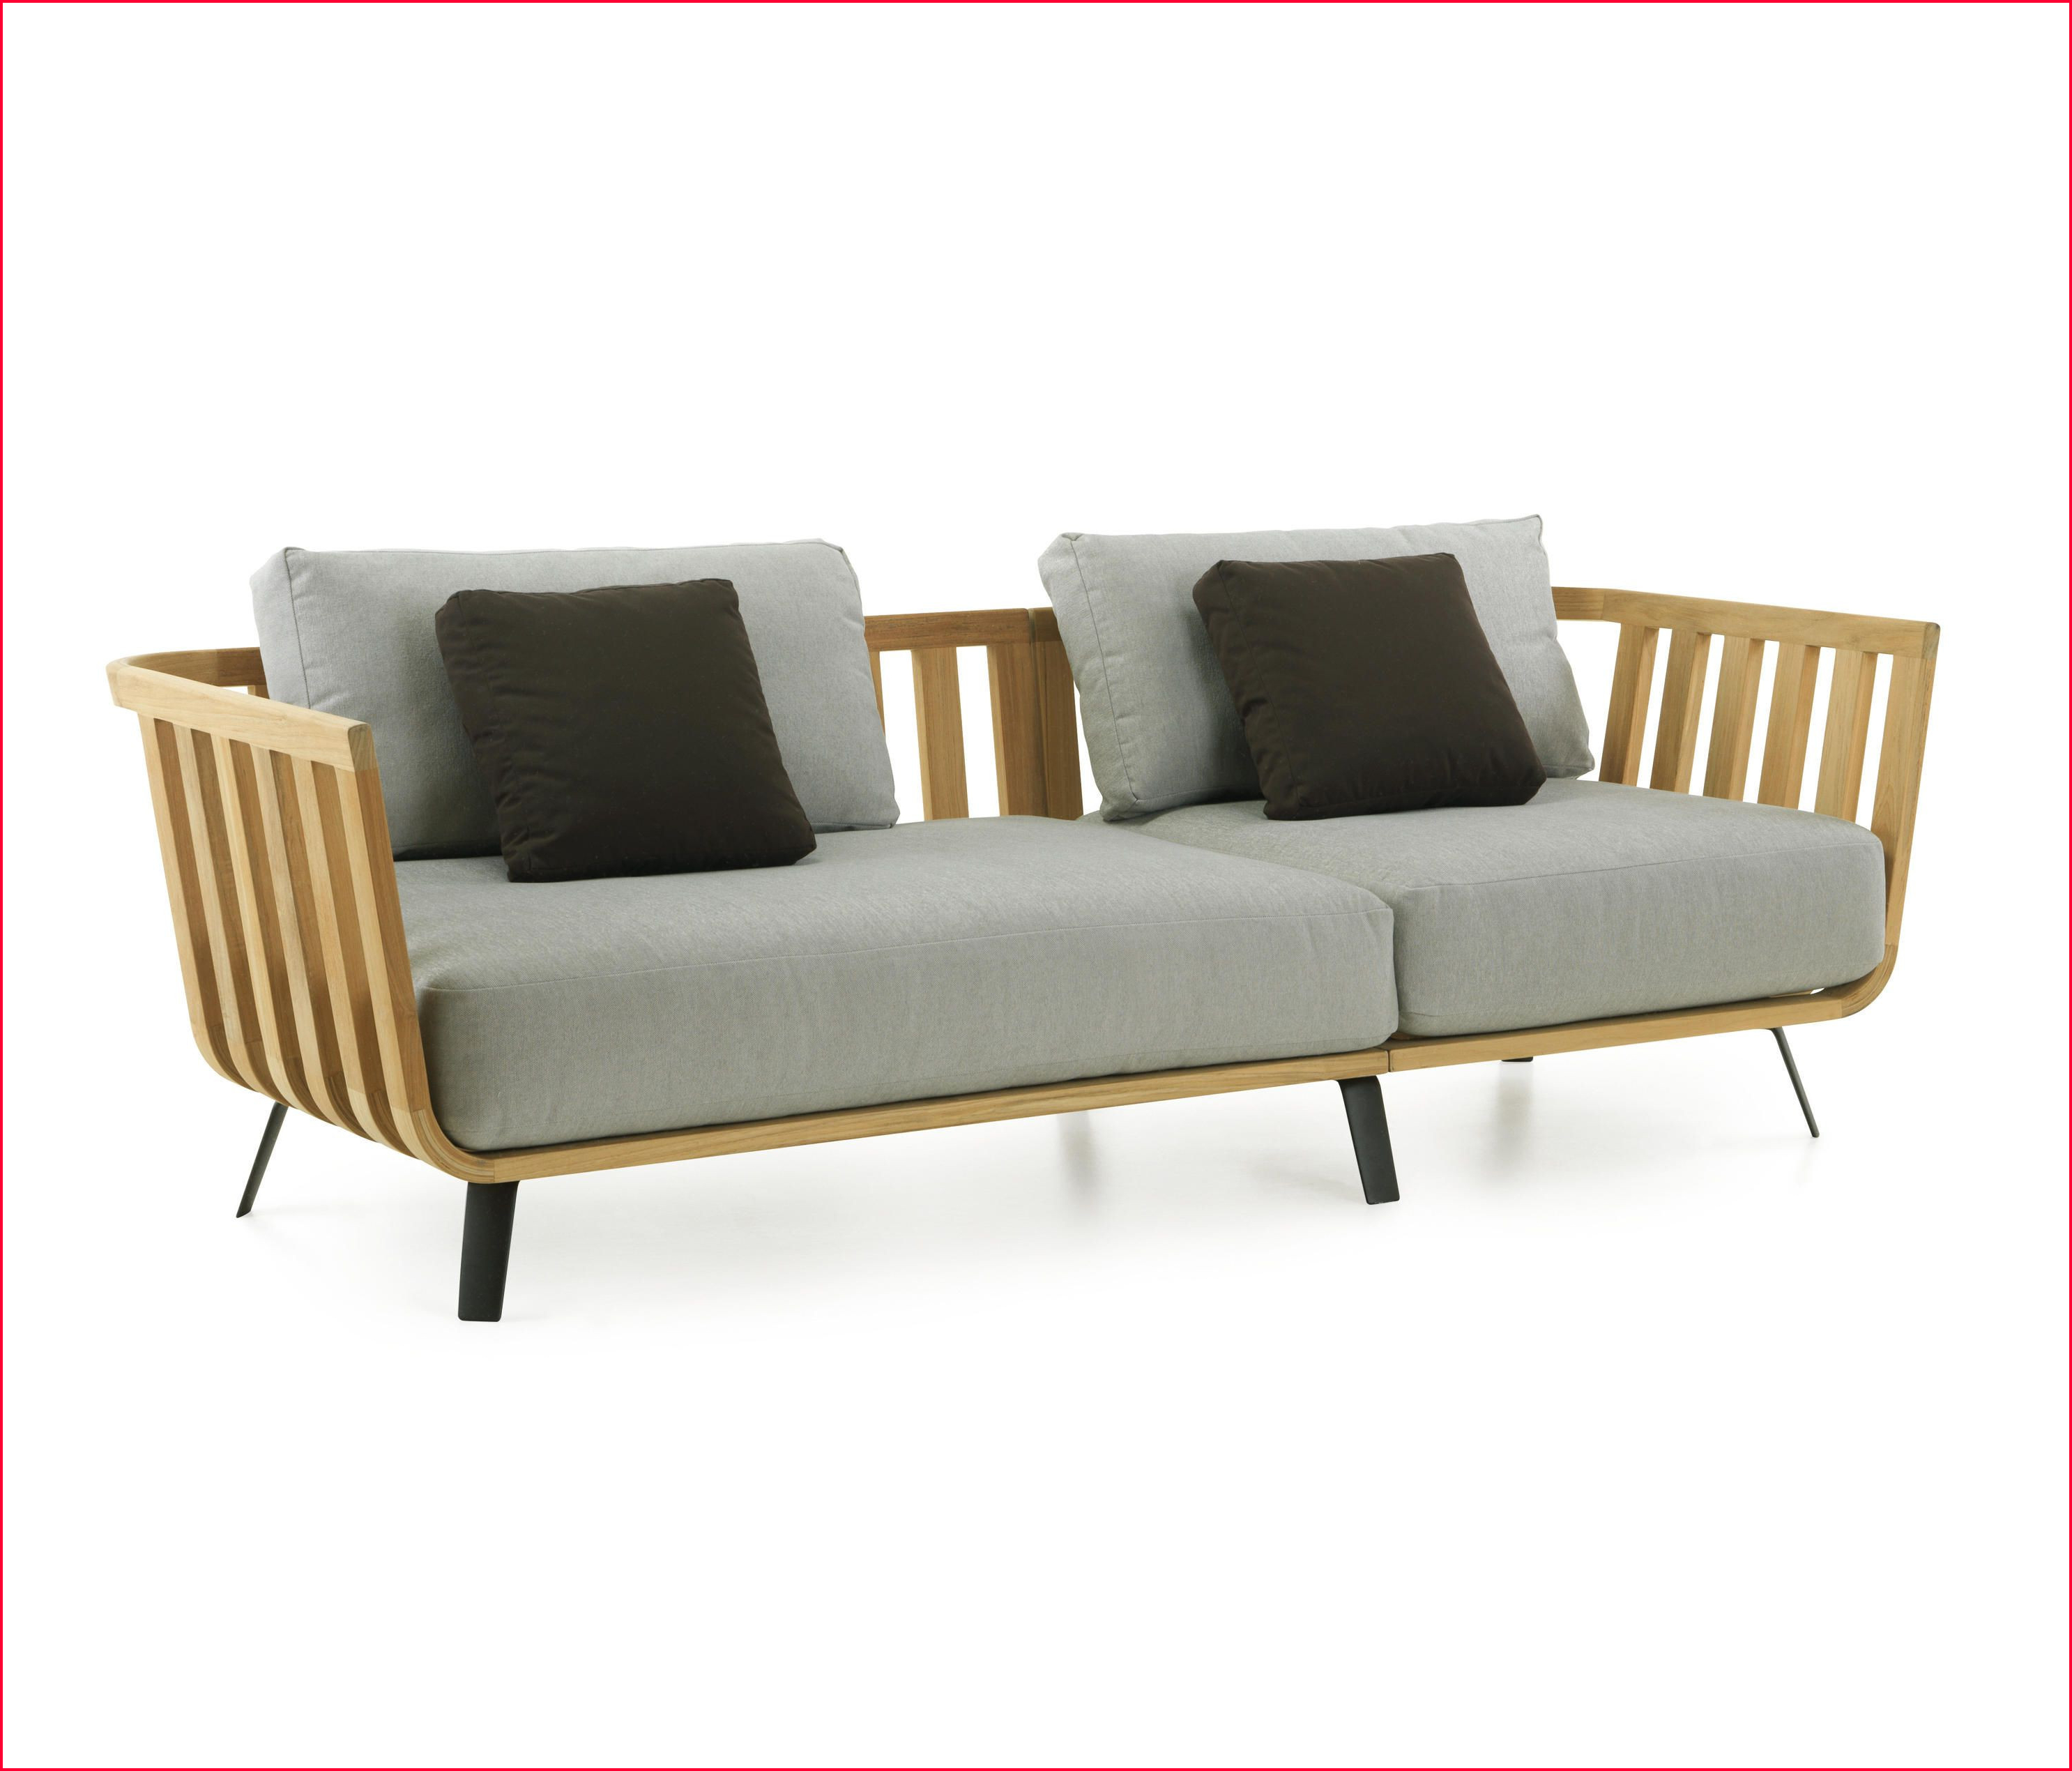 Sofa Esquinero Pequeño J7do Impresionante sofas Cama Diseà O Galerà A De Cama Decorativo